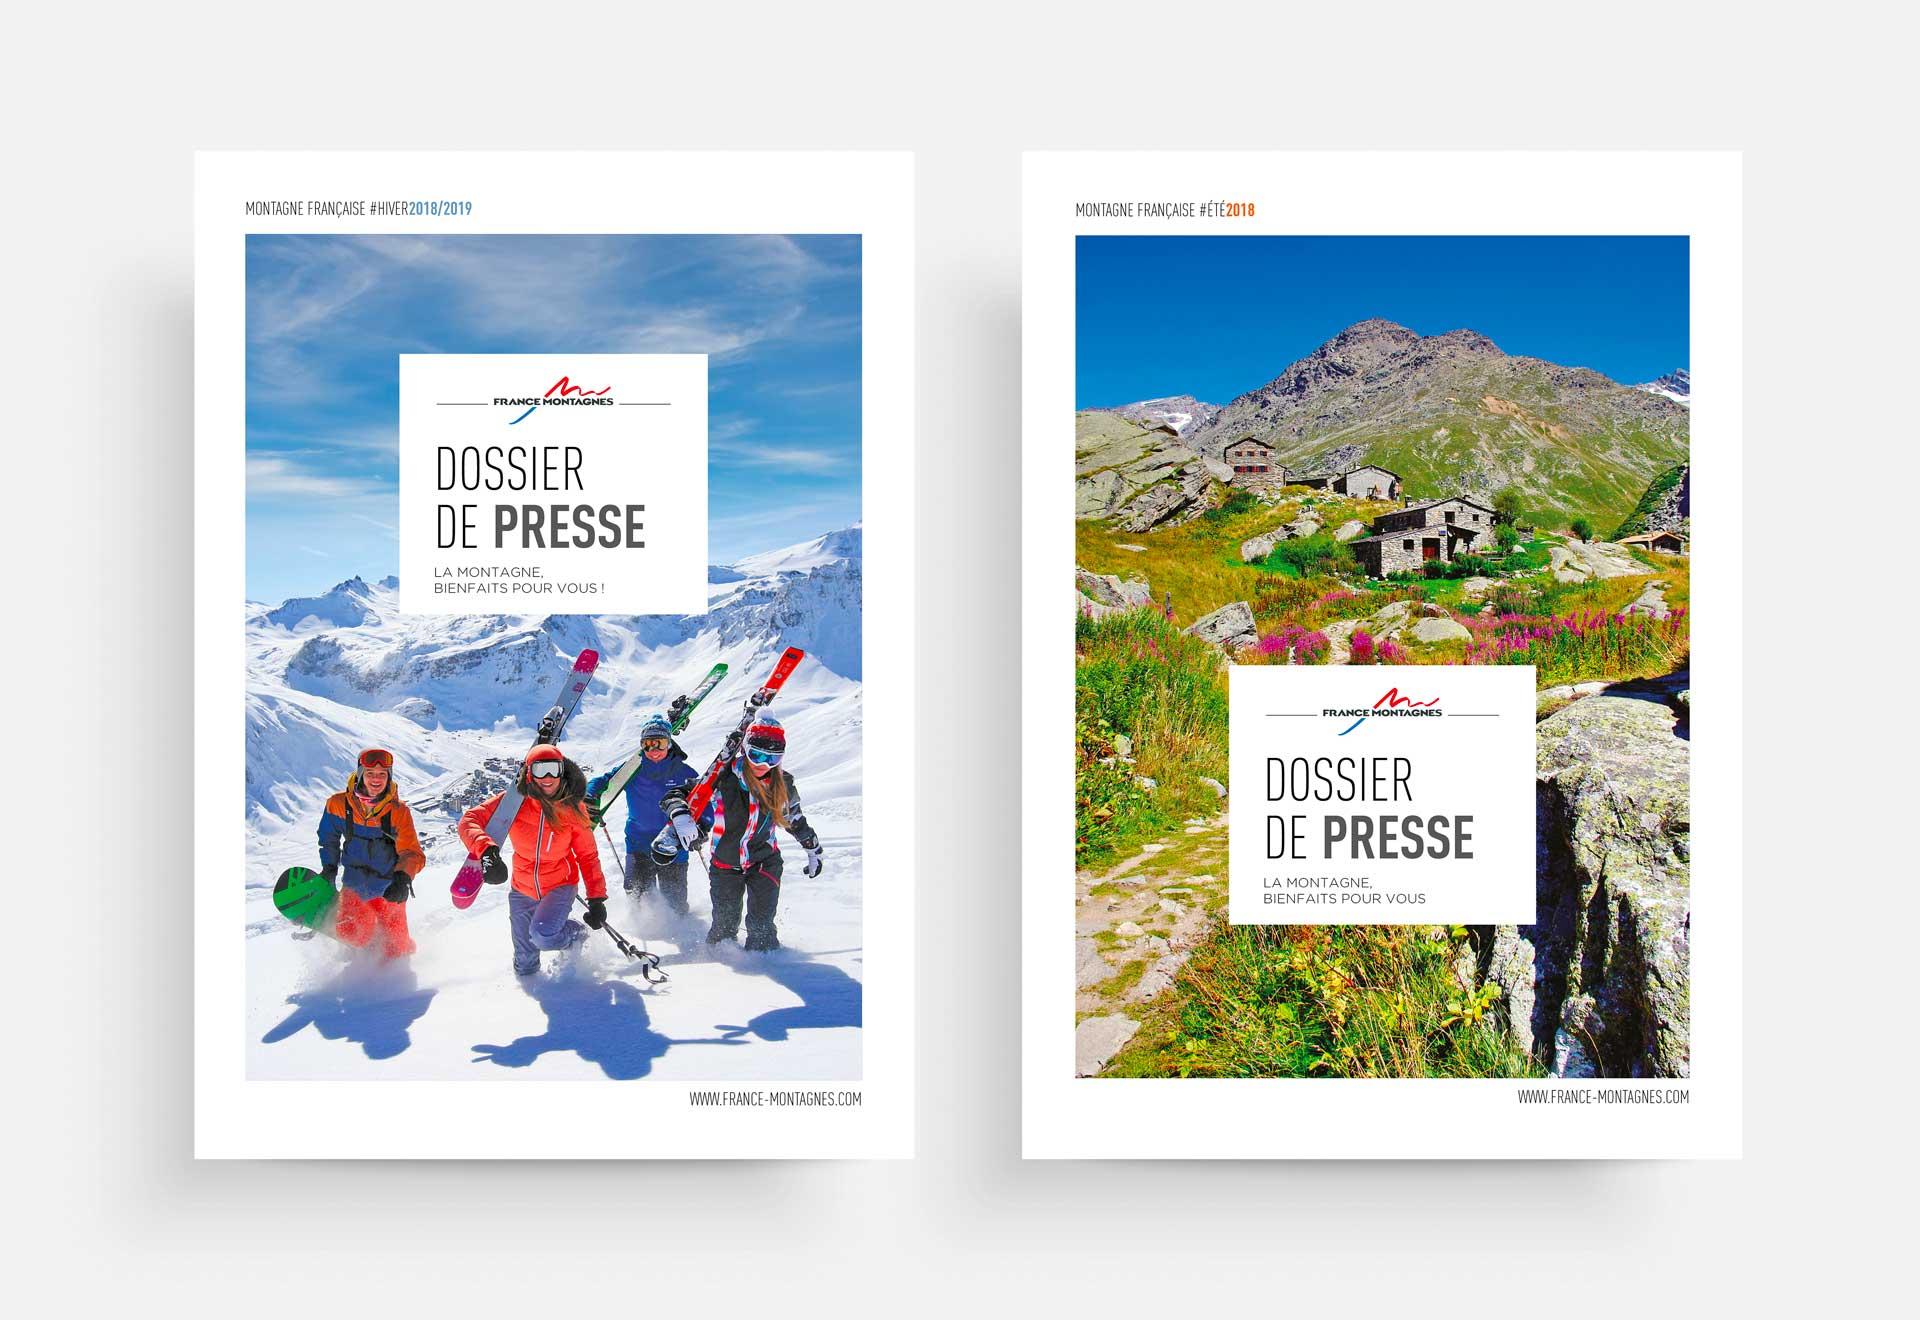 Couverture de dossier de presse touristique destination montagne